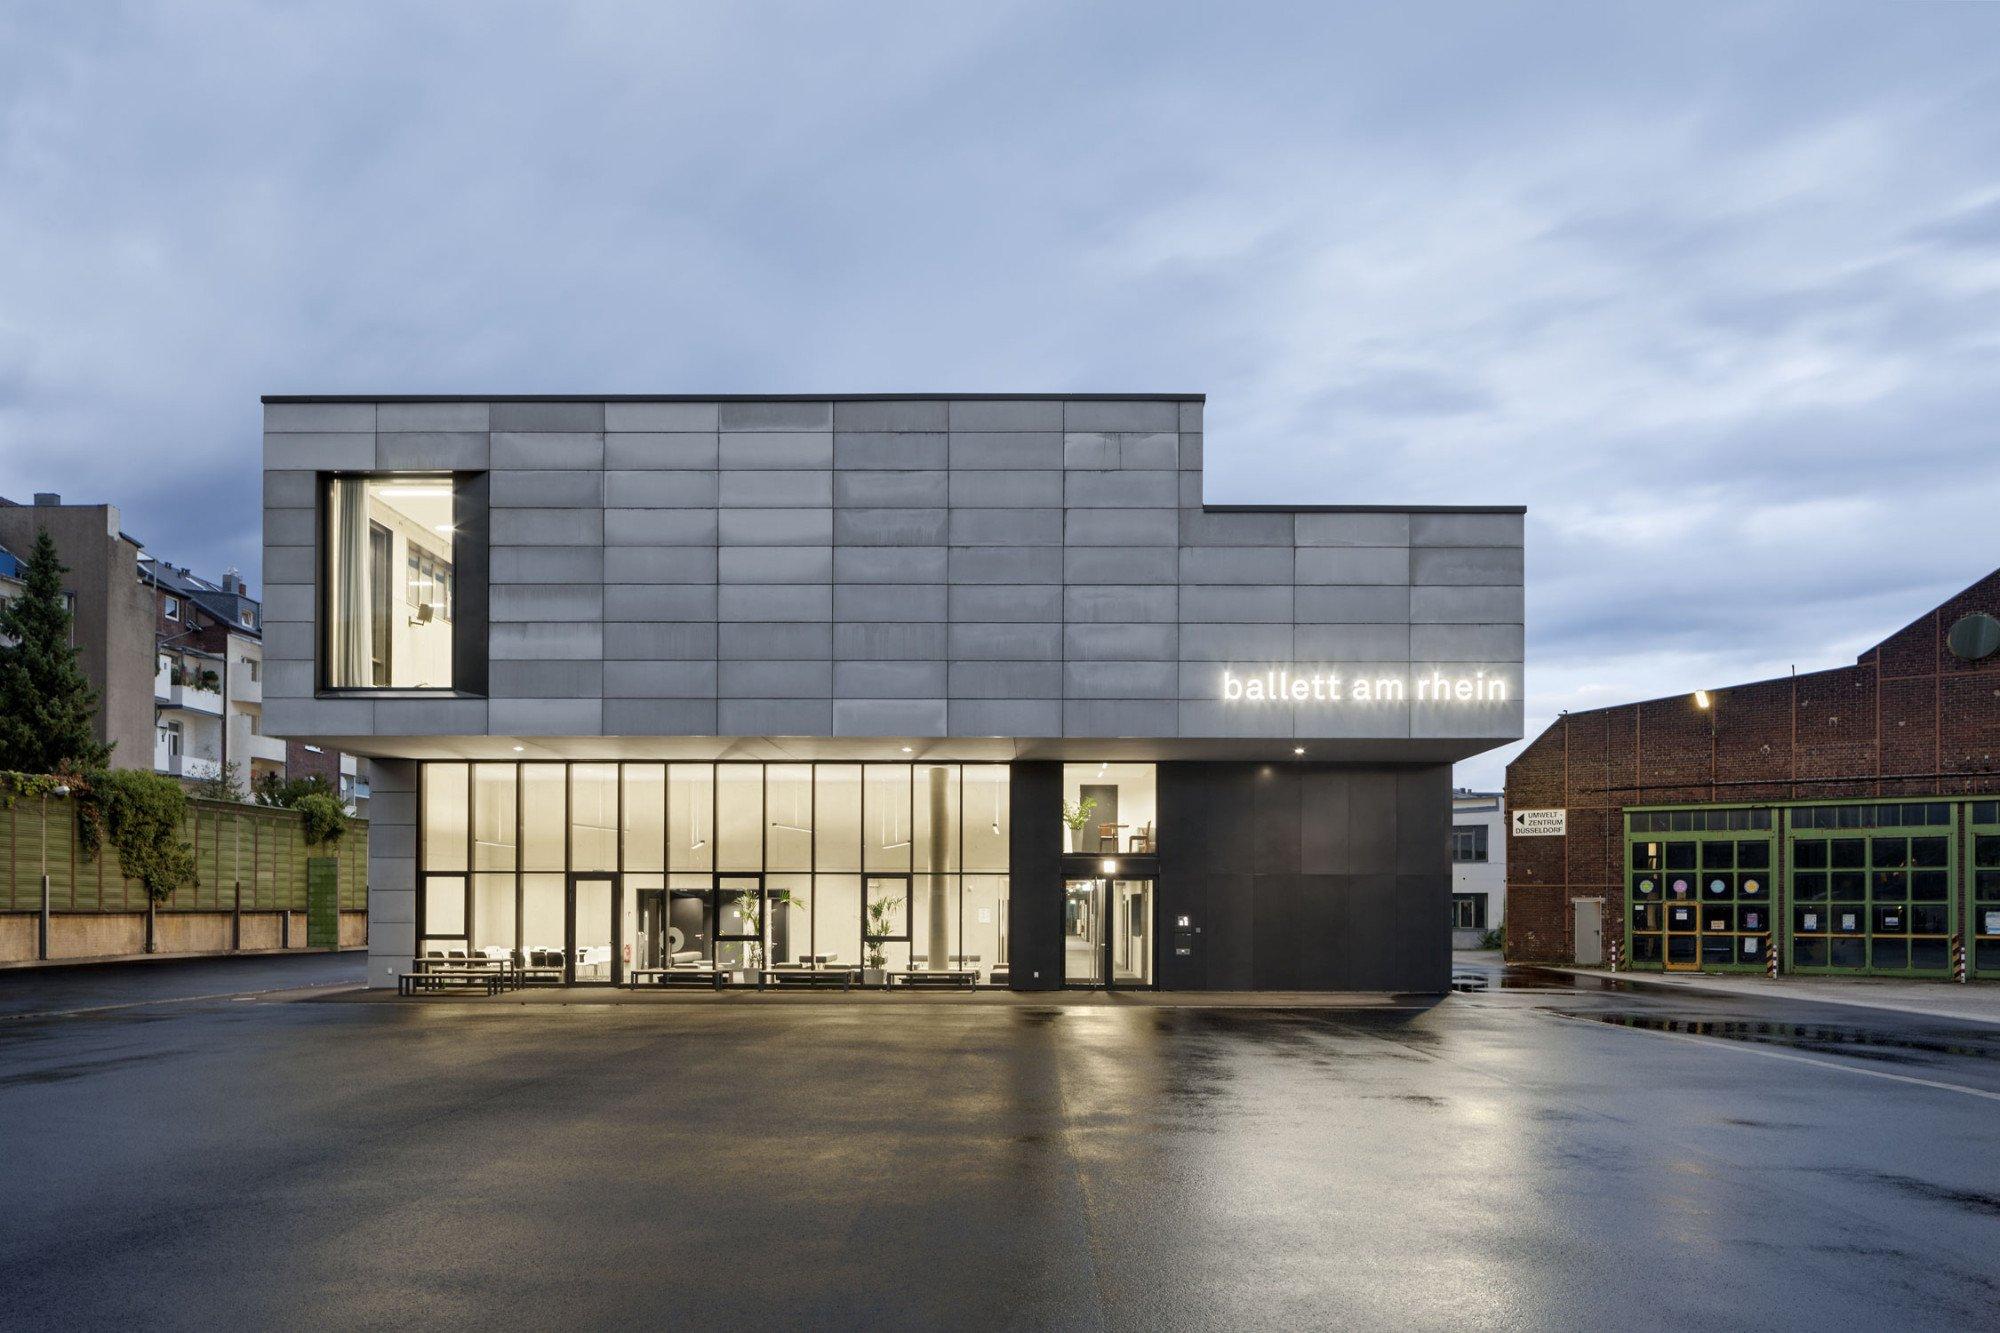 probenhaus f r das ballett am rhein in d sseldorf beton kultur baunetz wissen. Black Bedroom Furniture Sets. Home Design Ideas